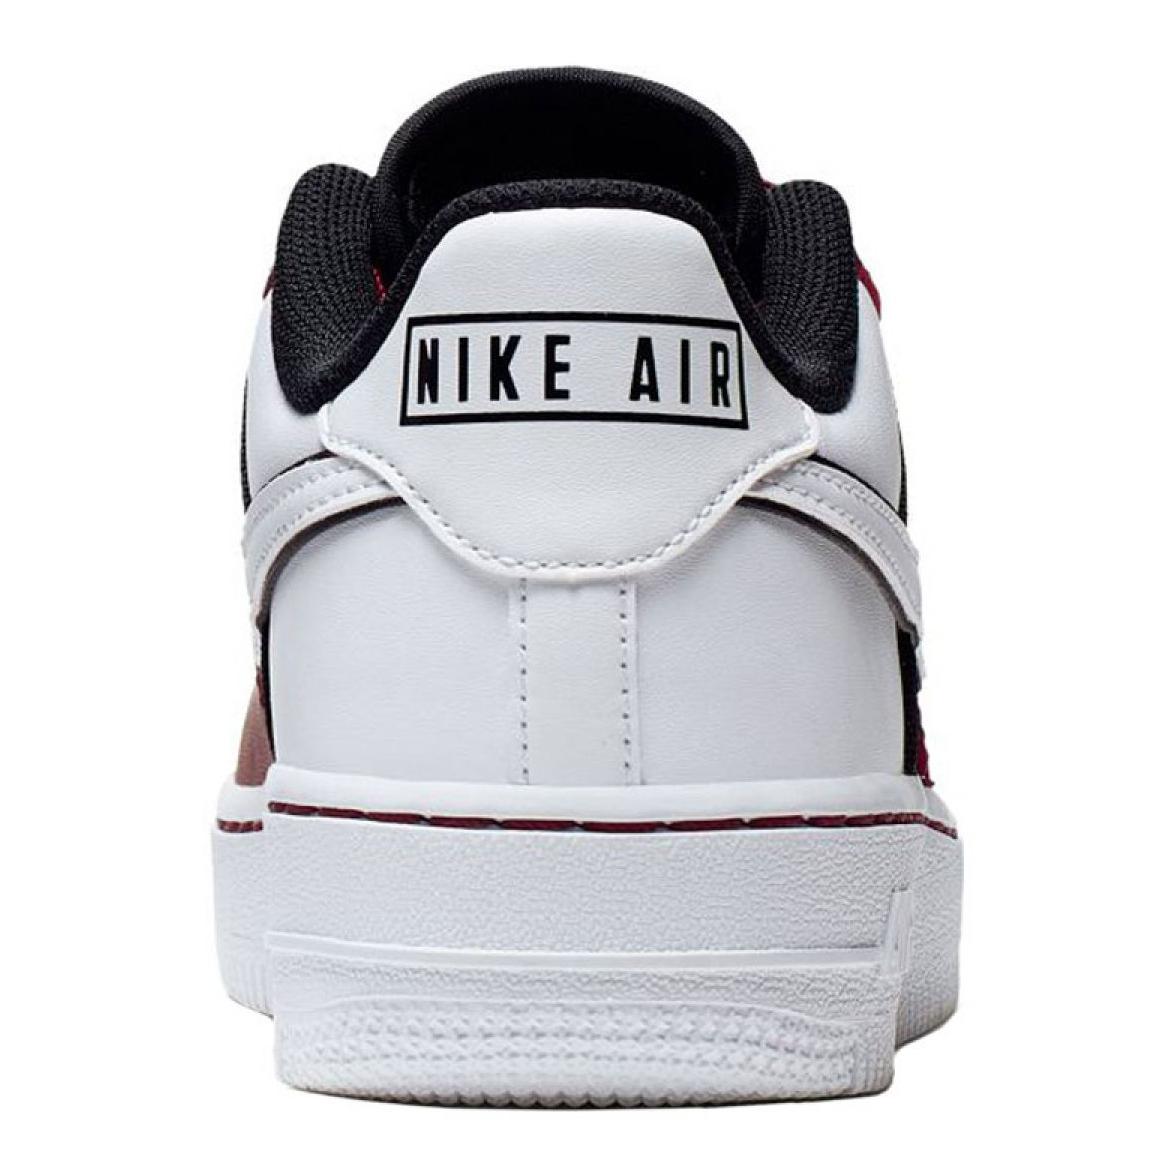 1 Lv8 Ci1756 Jr Nike Force 2 Schuhe 600 Air qSpGUzMLV